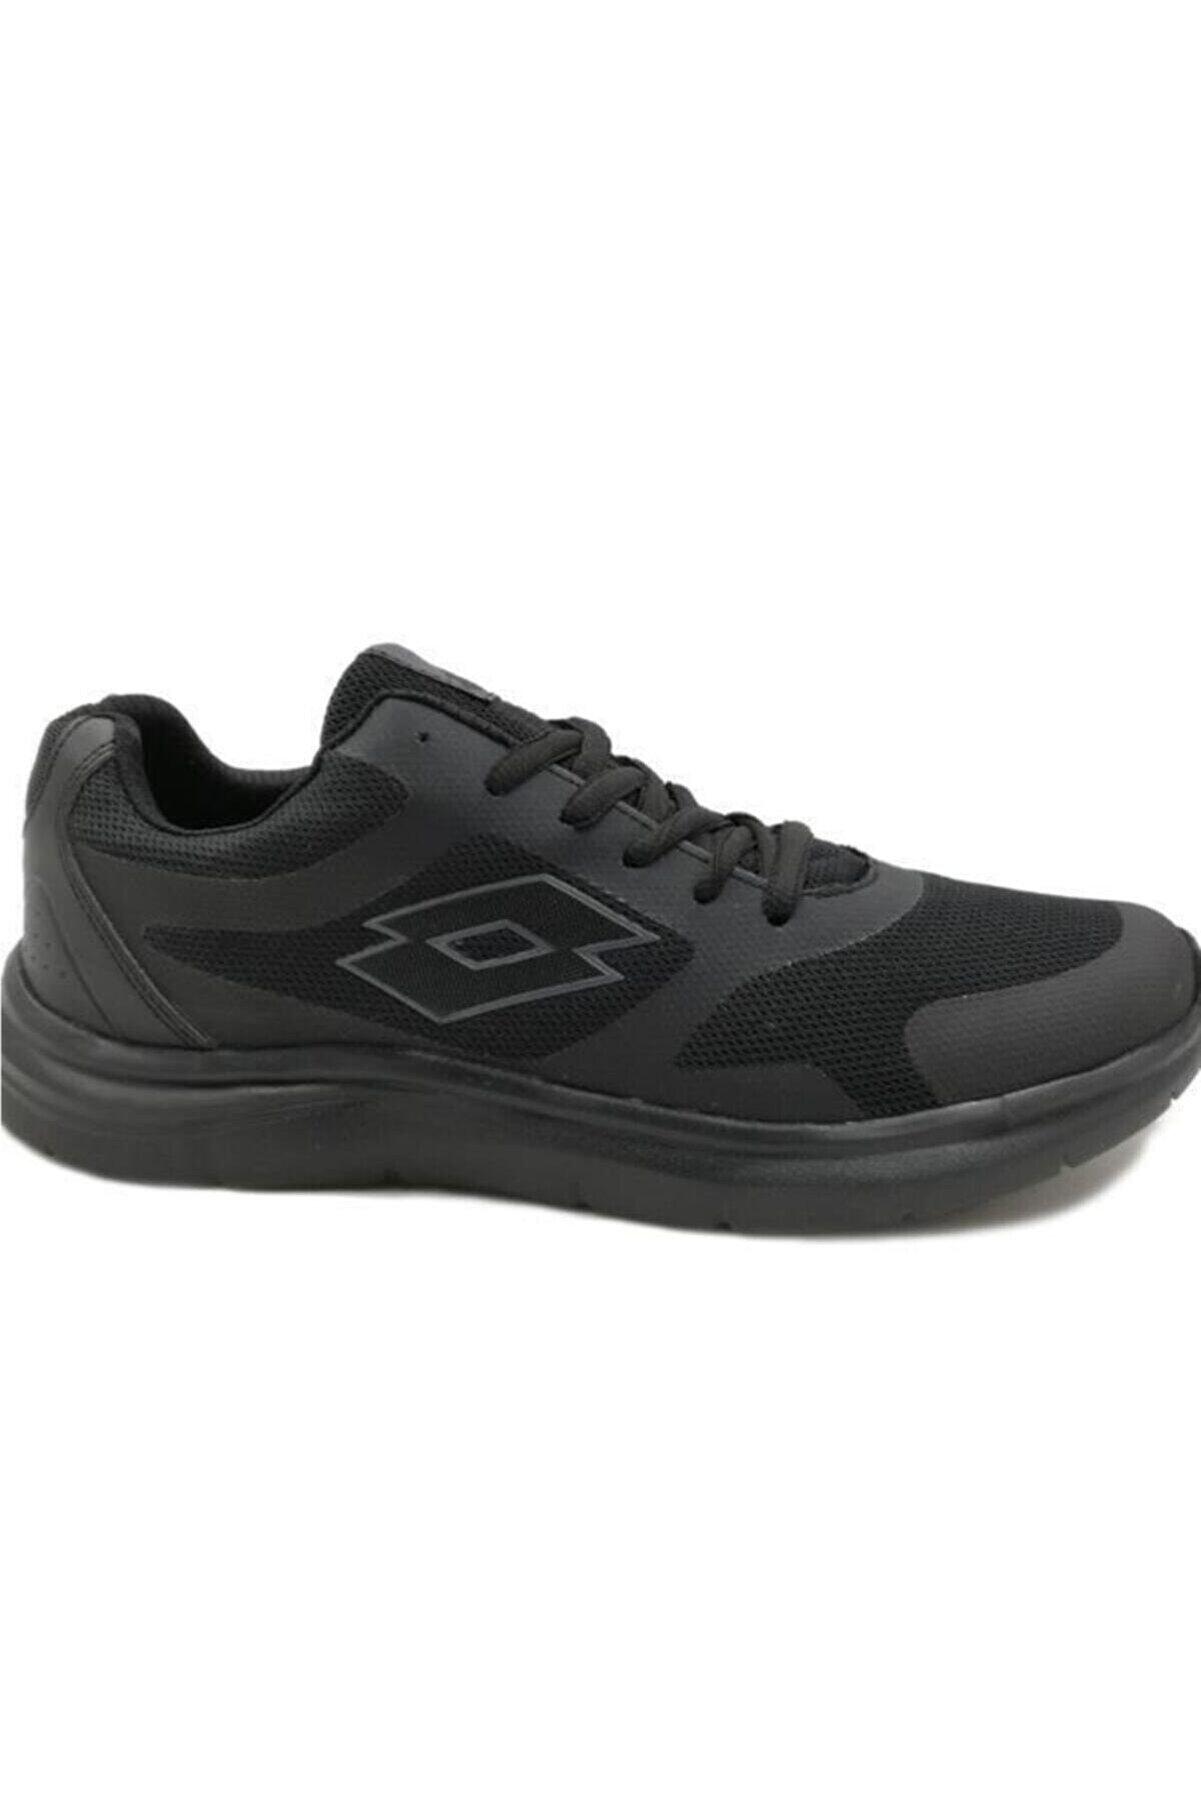 Lotto Erkek Siyah Koşu Antrenman Ayakkabısı T1197